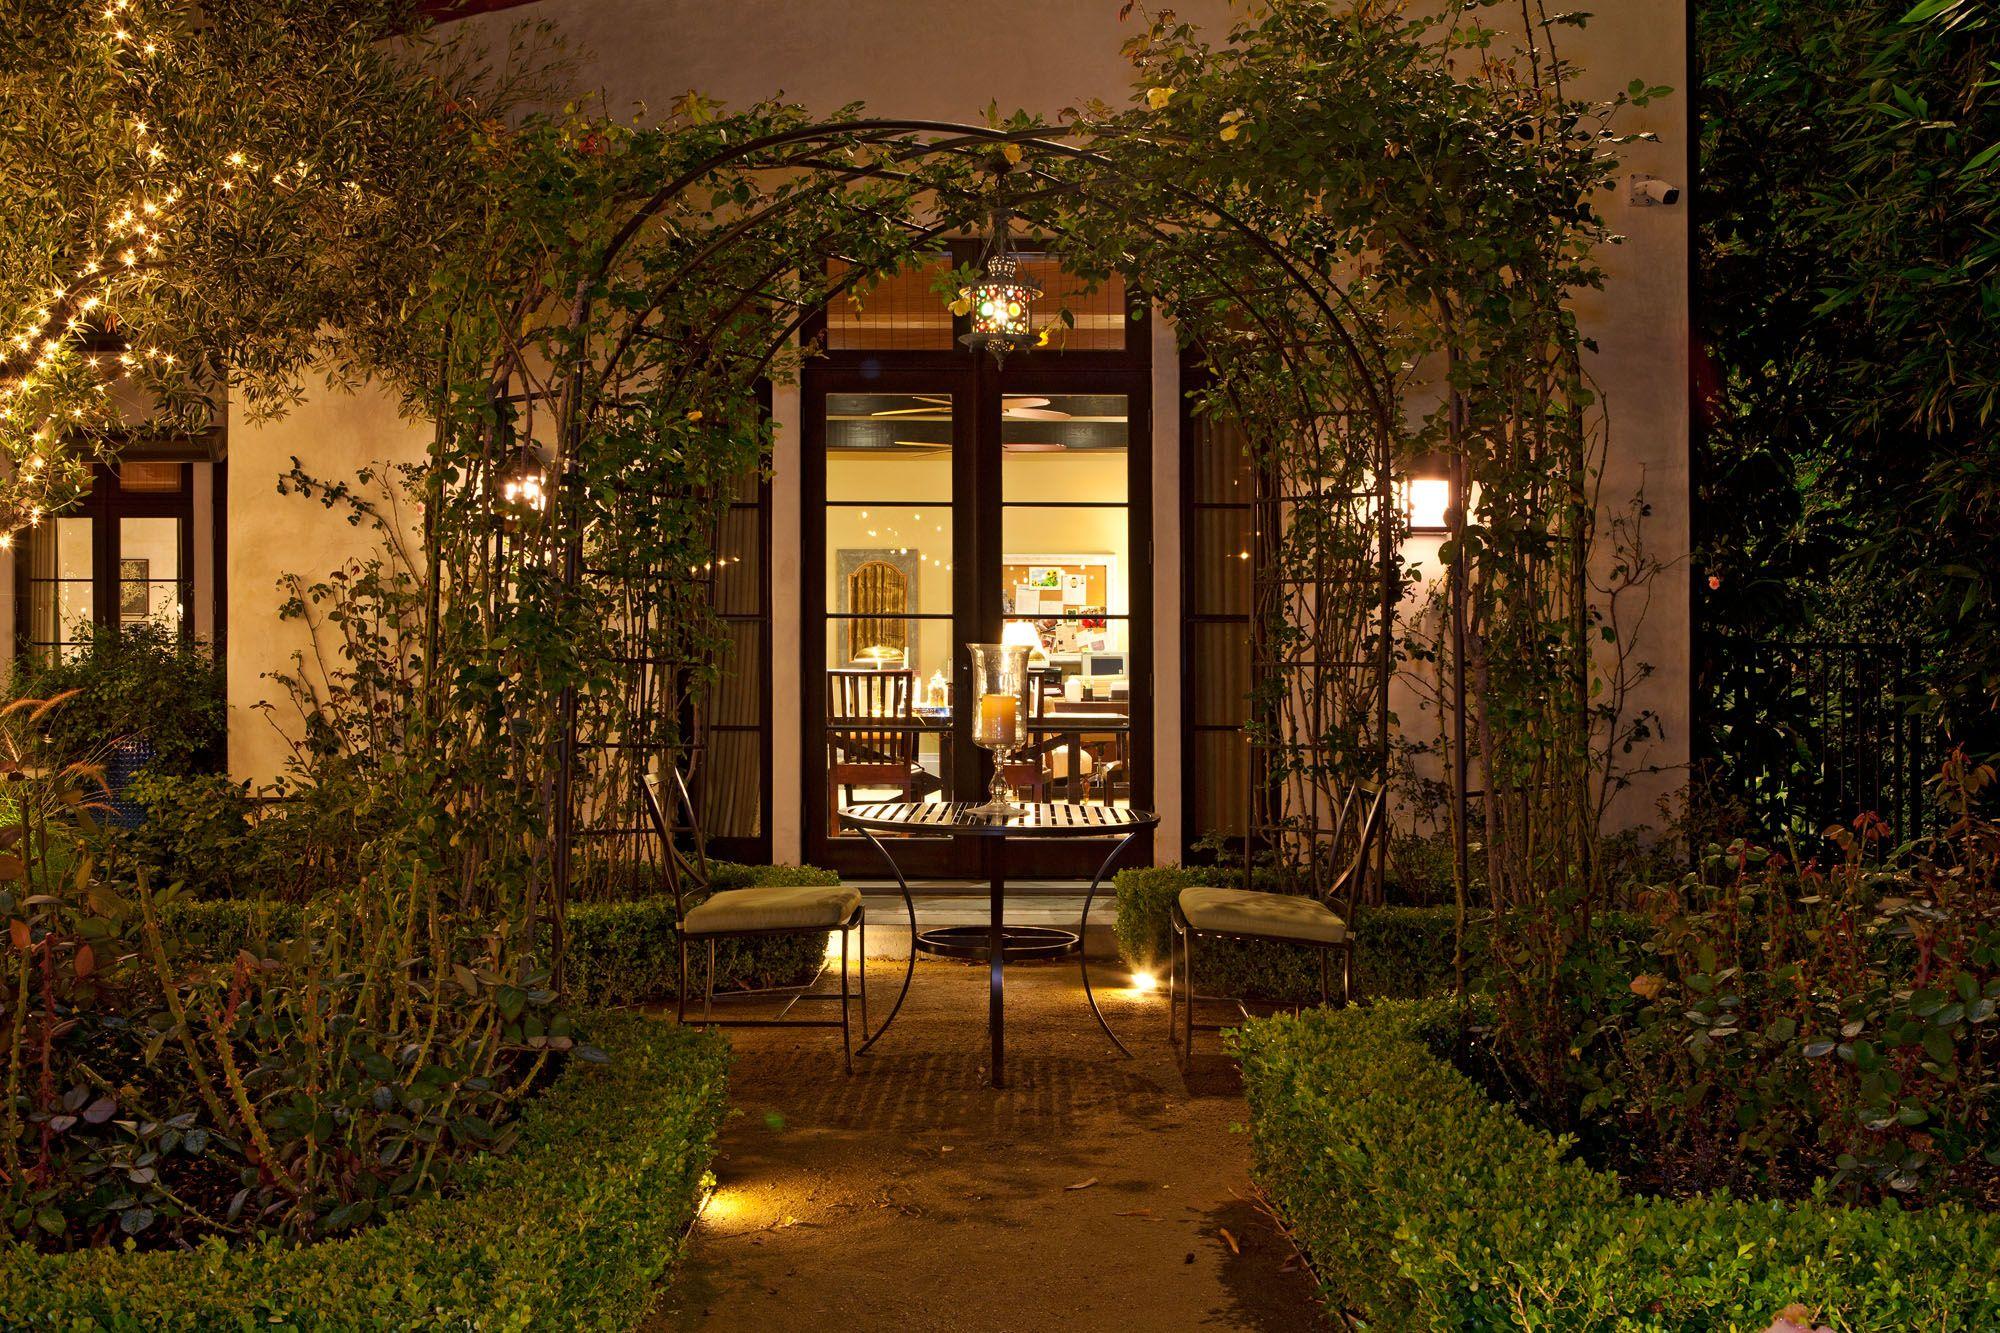 Garden garden garden garden #garden   I am the door   Pinterest ...